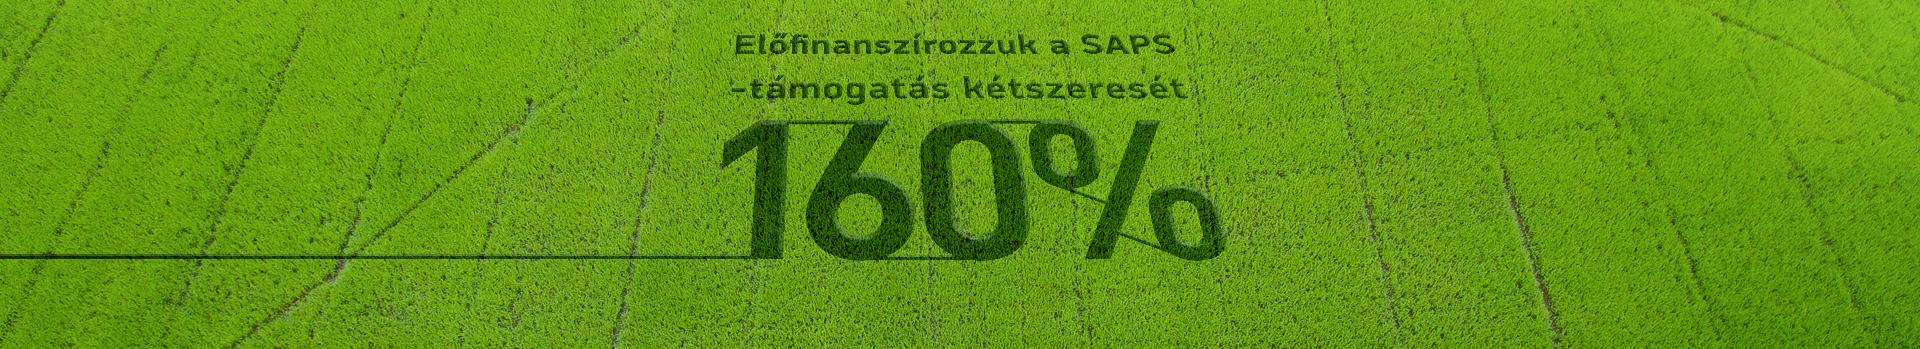 Az APIA SAPS-támogatás kettős előfinanszírozási hitel